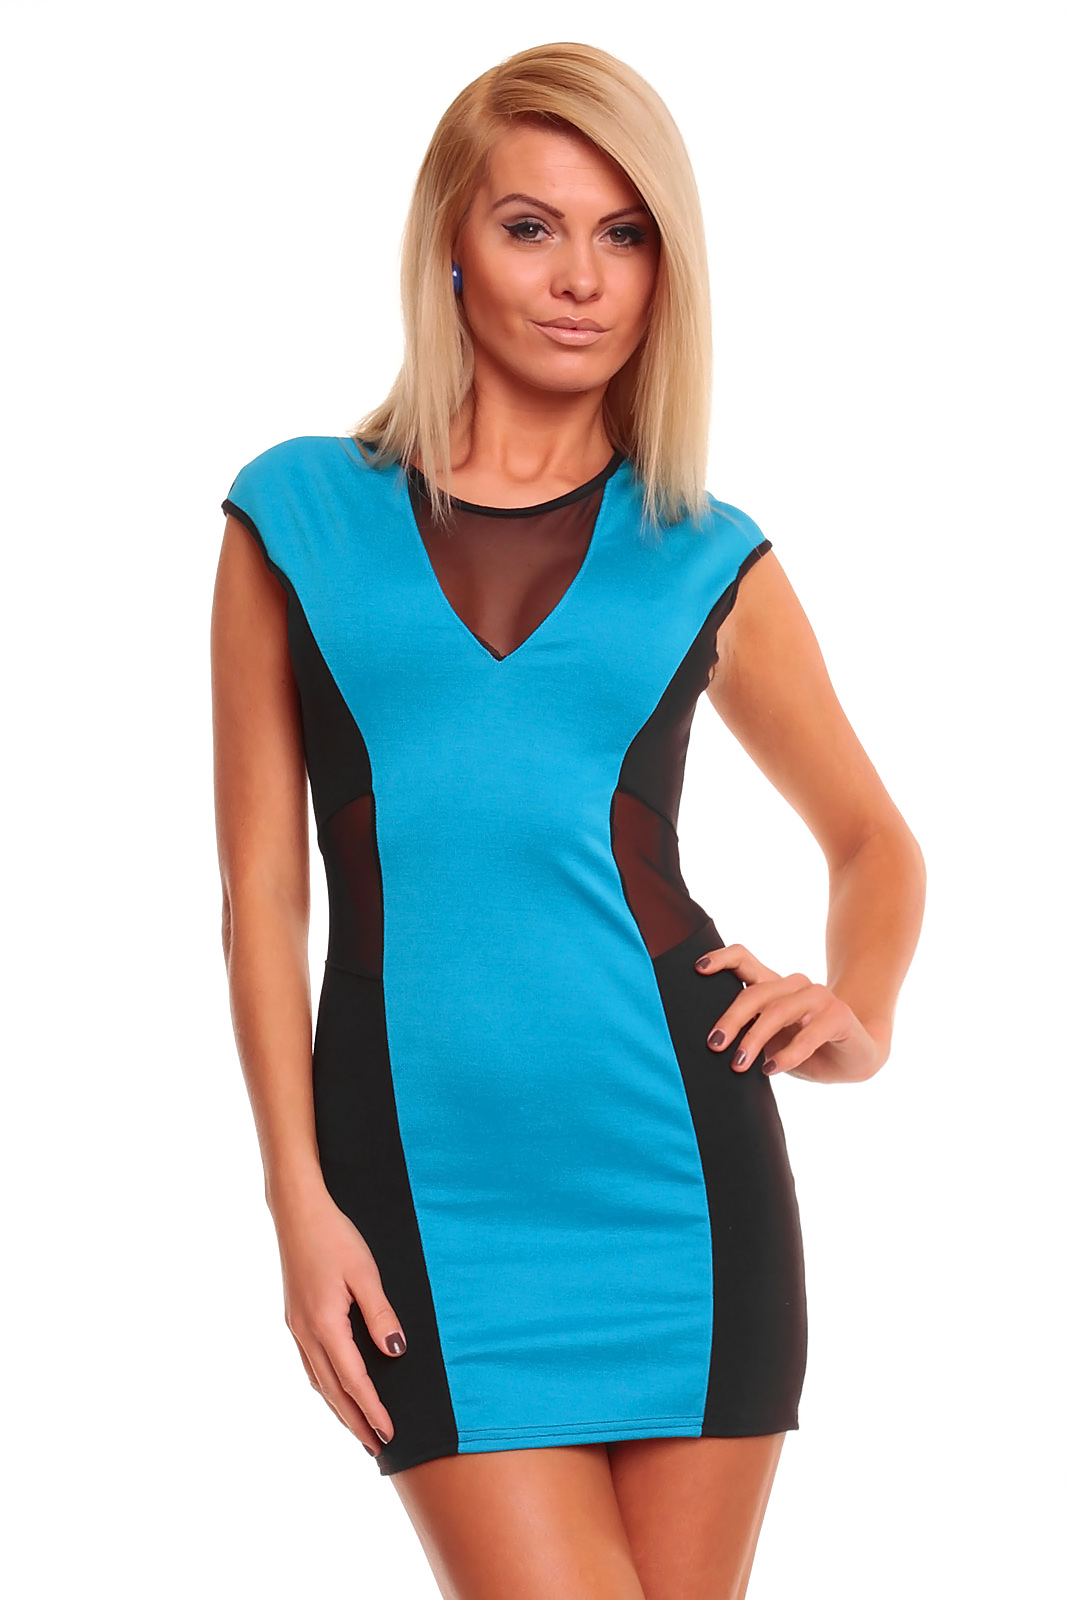 7527148fce5d Dámské mini šaty s průstřihy AYANAPA modrá